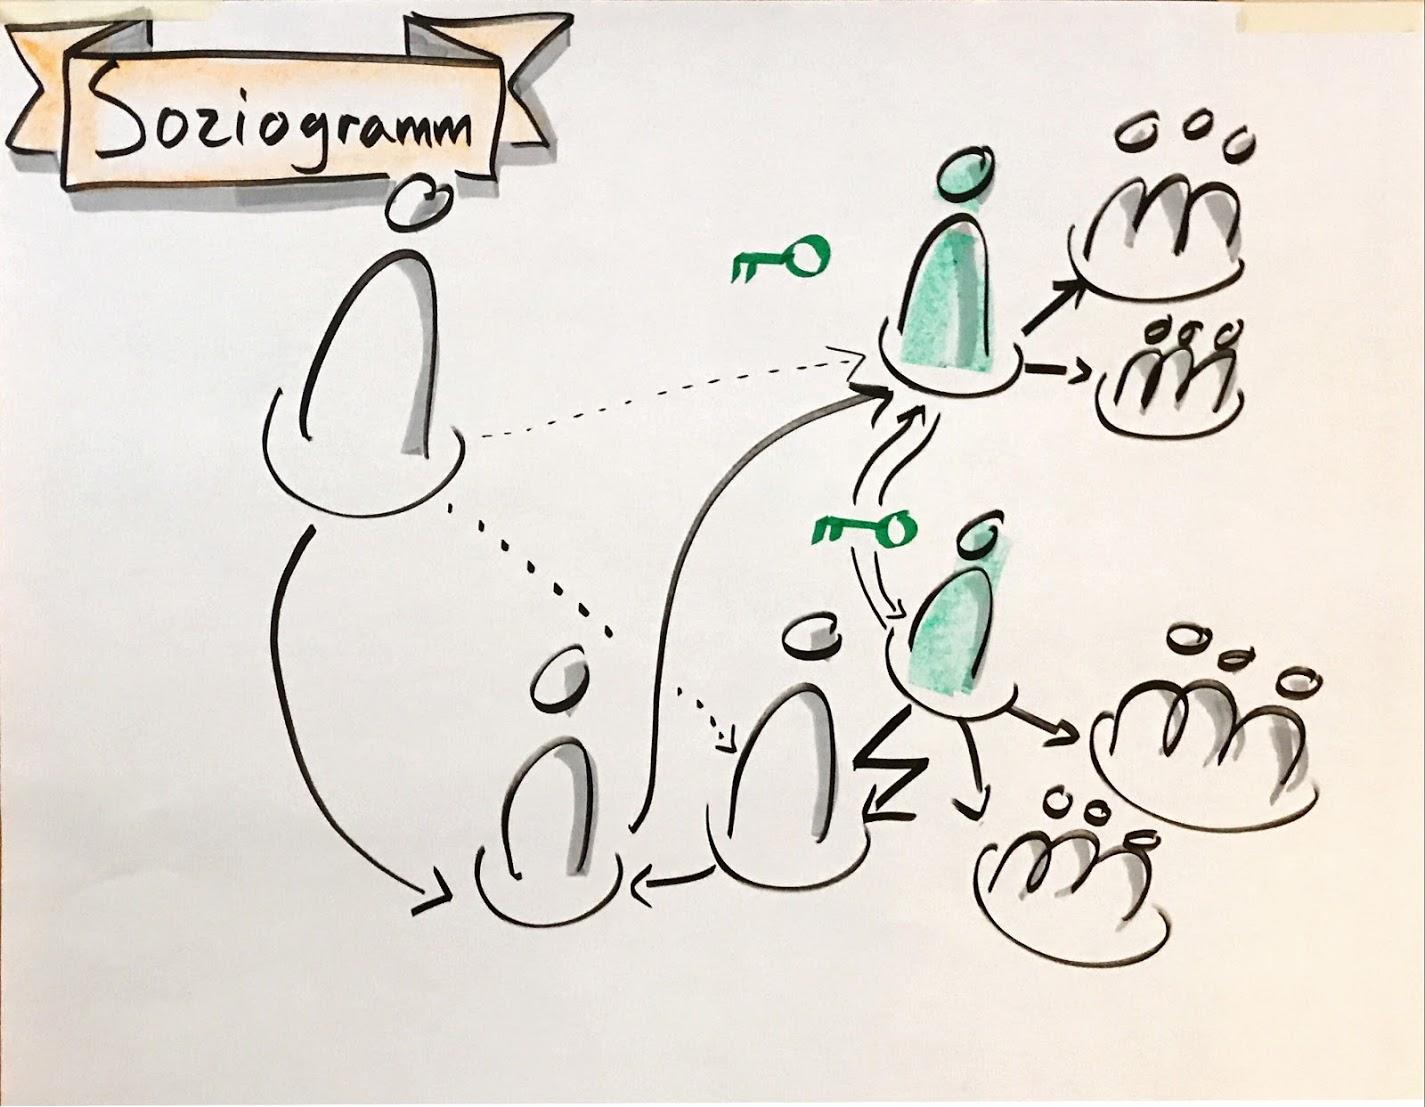 Visualisierungsinstrumente wie das Soziogramm erlauben den Teilnehmenden, soziale Konstellationen schnell und pragmatisch zu analysieren.